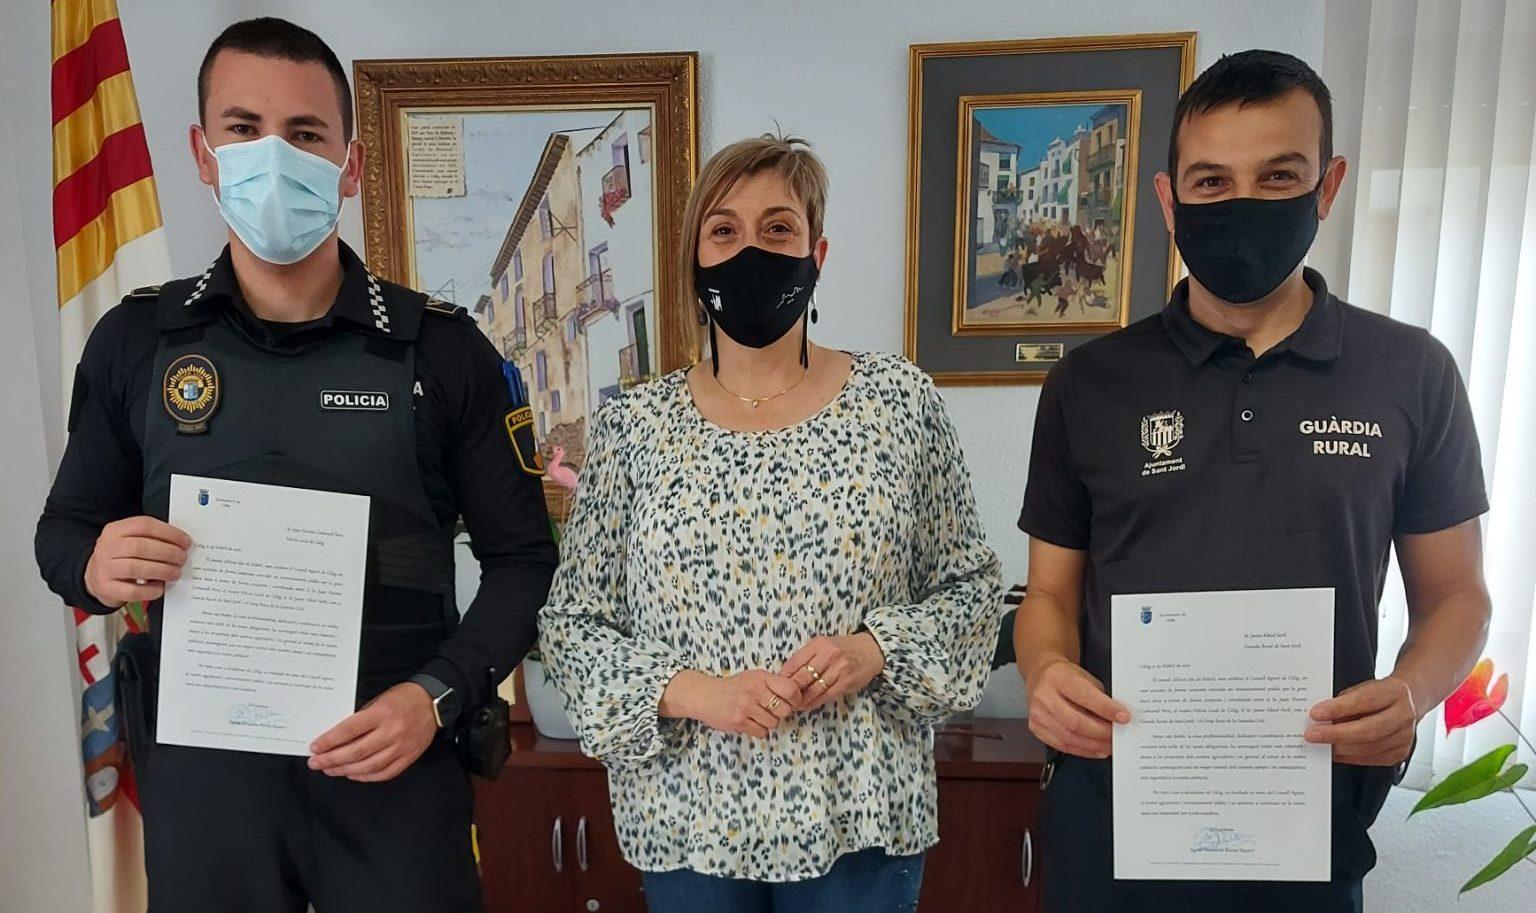 Càlig reconeix el treball contra els robatoris al camp del Policia Local, Guàrdia Rural i Guàrdia Civil